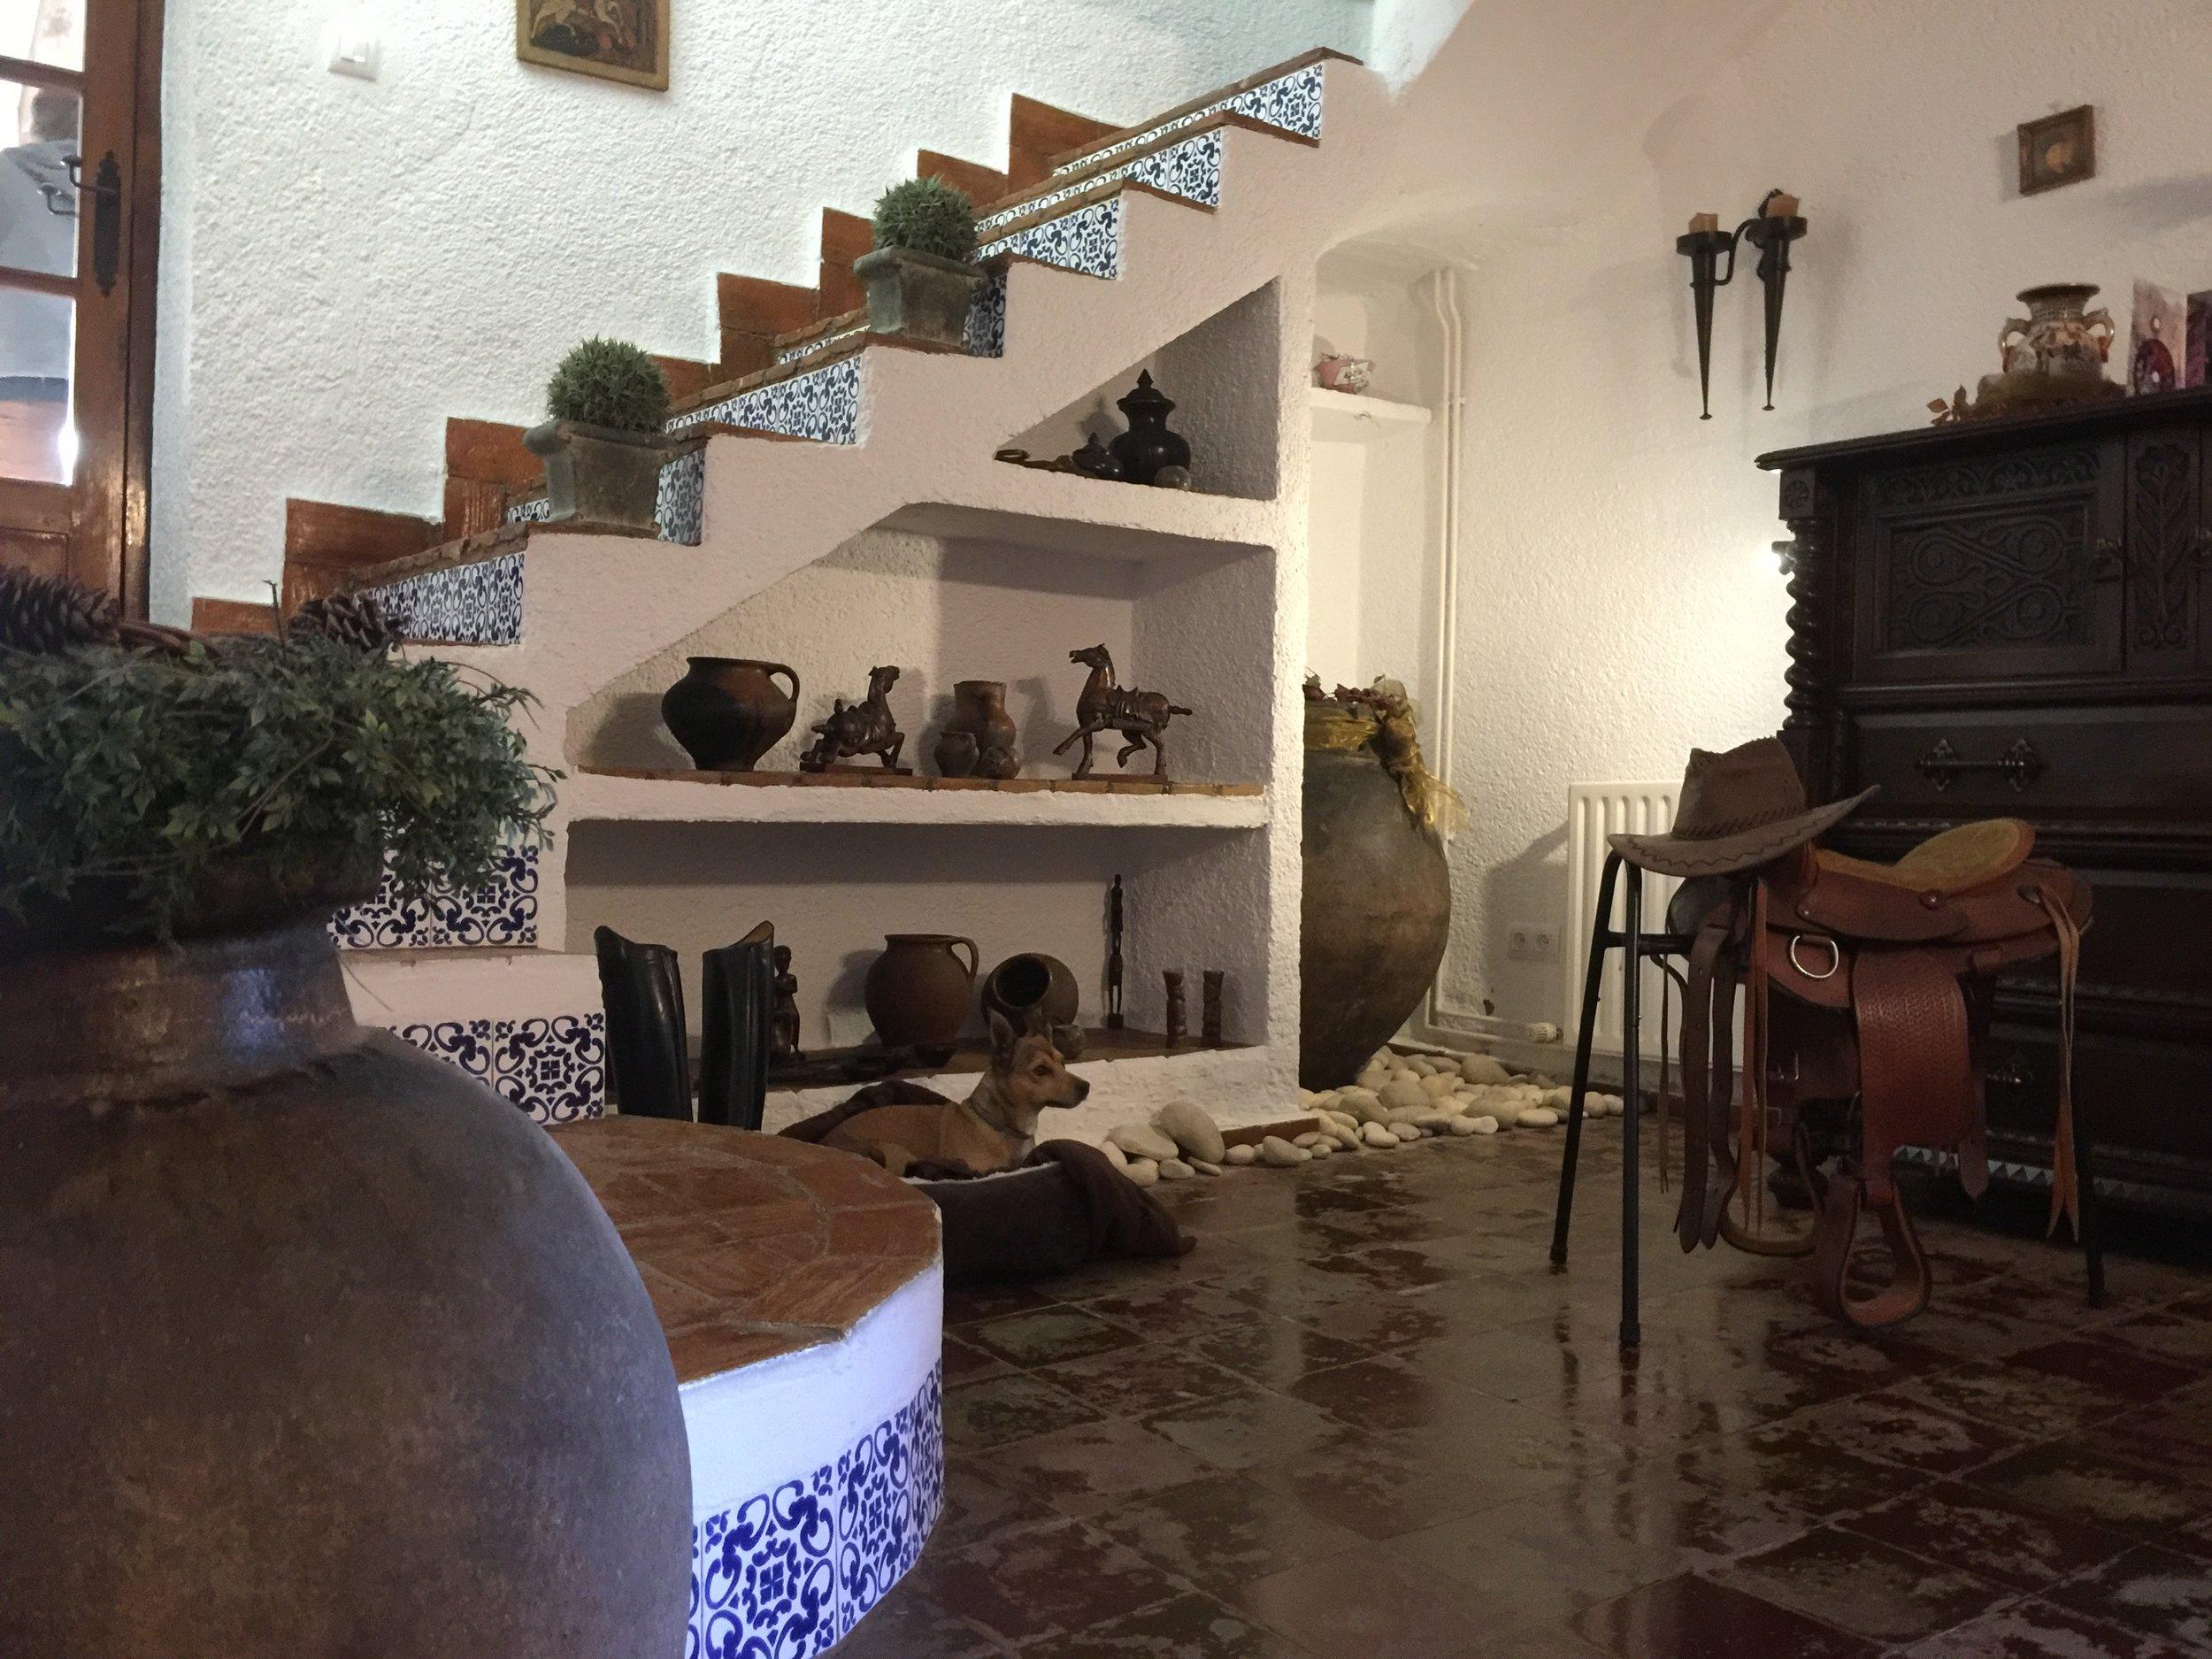 """De Finca van binnen - Binnen is de Finca traditioneel en authentiek opgezet met ruime leefruimtes. Hier bevindt zich de inkomhal met voor de wintermaanden een dining-area. Daarnaast een goed uitgeruste keuken met tevens een ontbijtruimte en een bodega waarin u een goed gevulde """"honesty"""" koel/diepvrieskast zult aantreffen."""